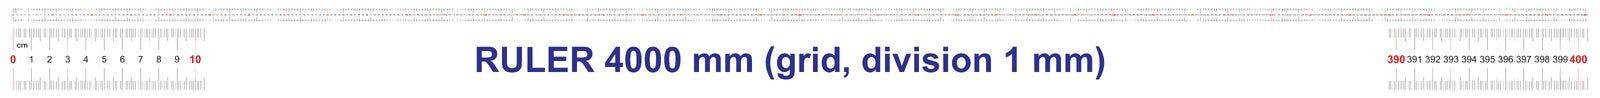 Règle de 4000 millimètres Règle de 400 centimètres Règle de 4 mètres Grille de calibrage Division de valeur 1 millimètre